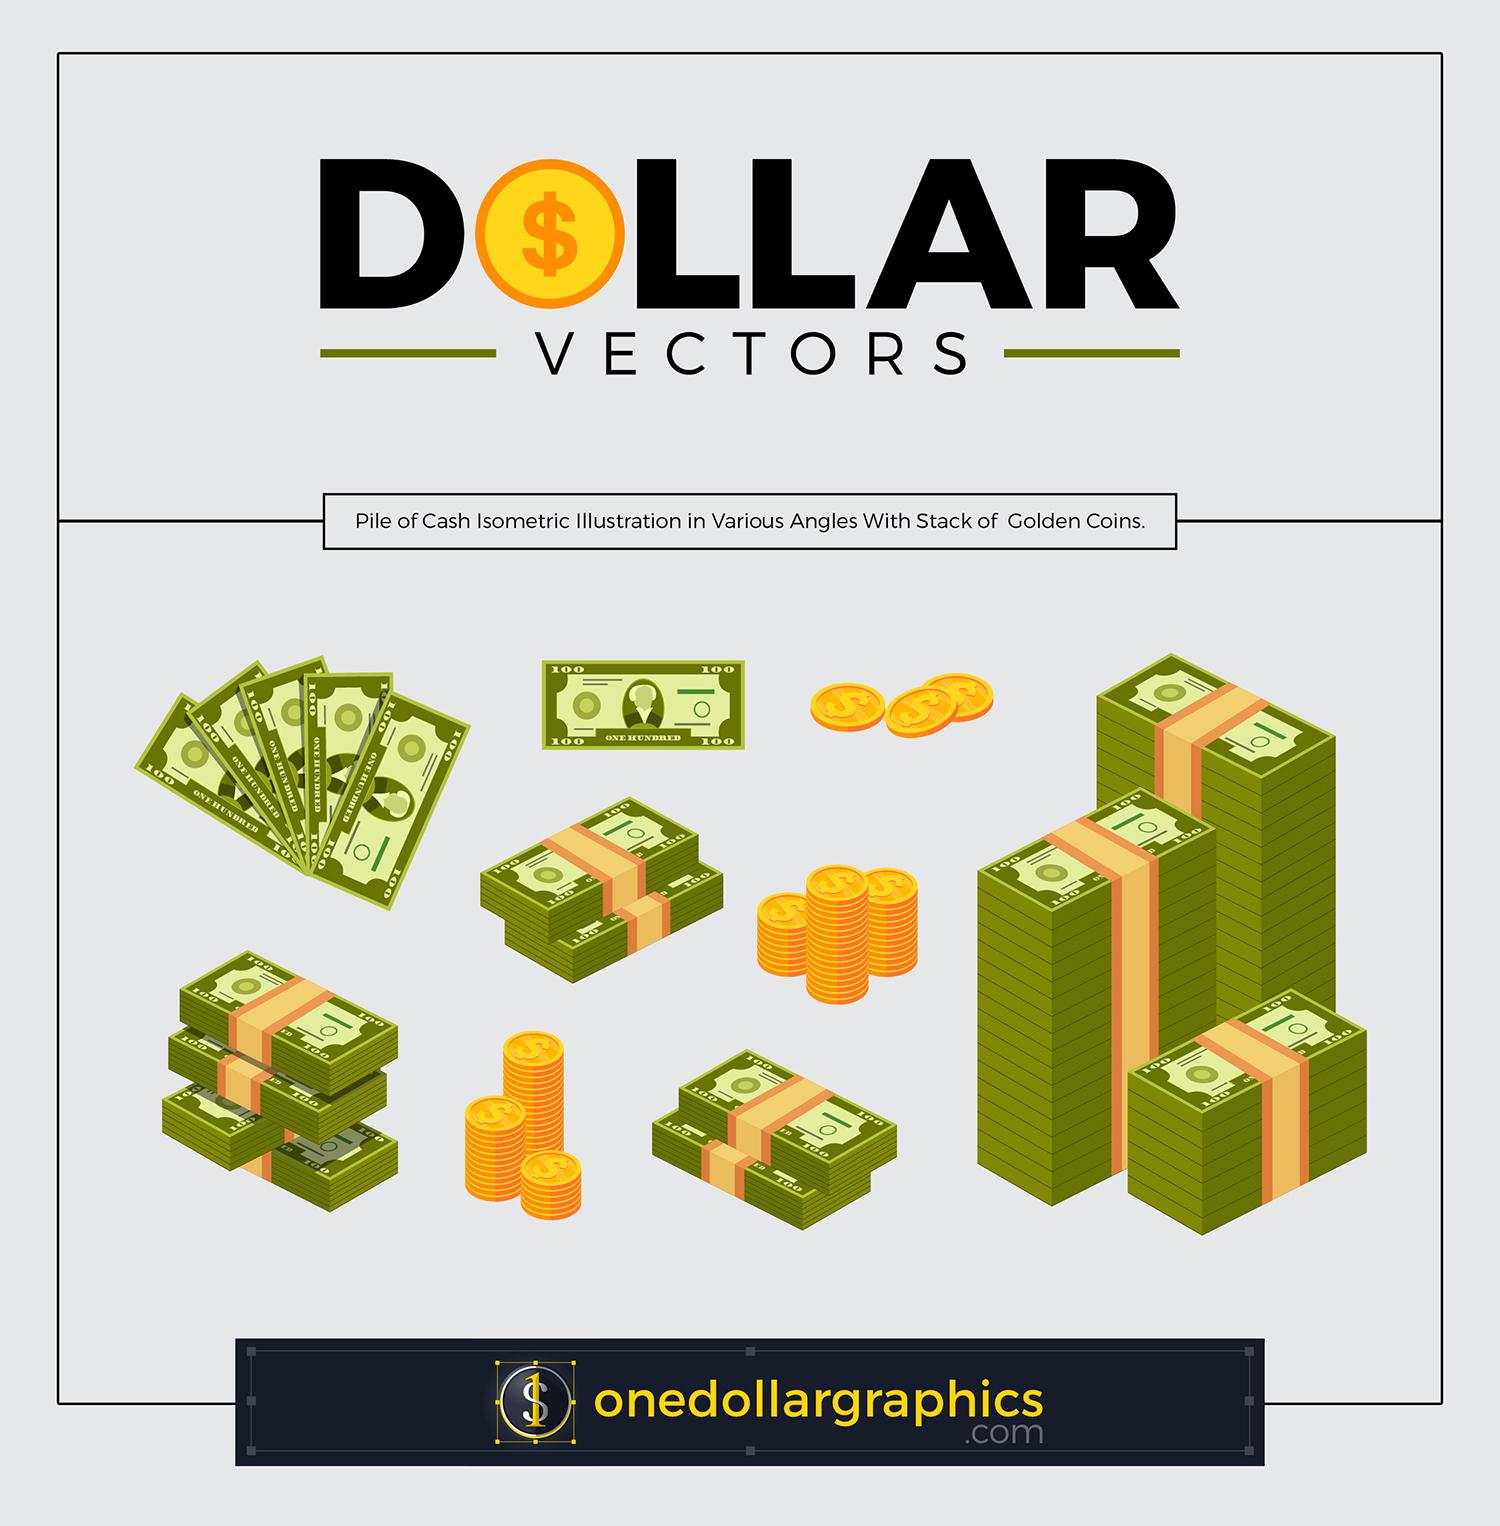 dollar vectors